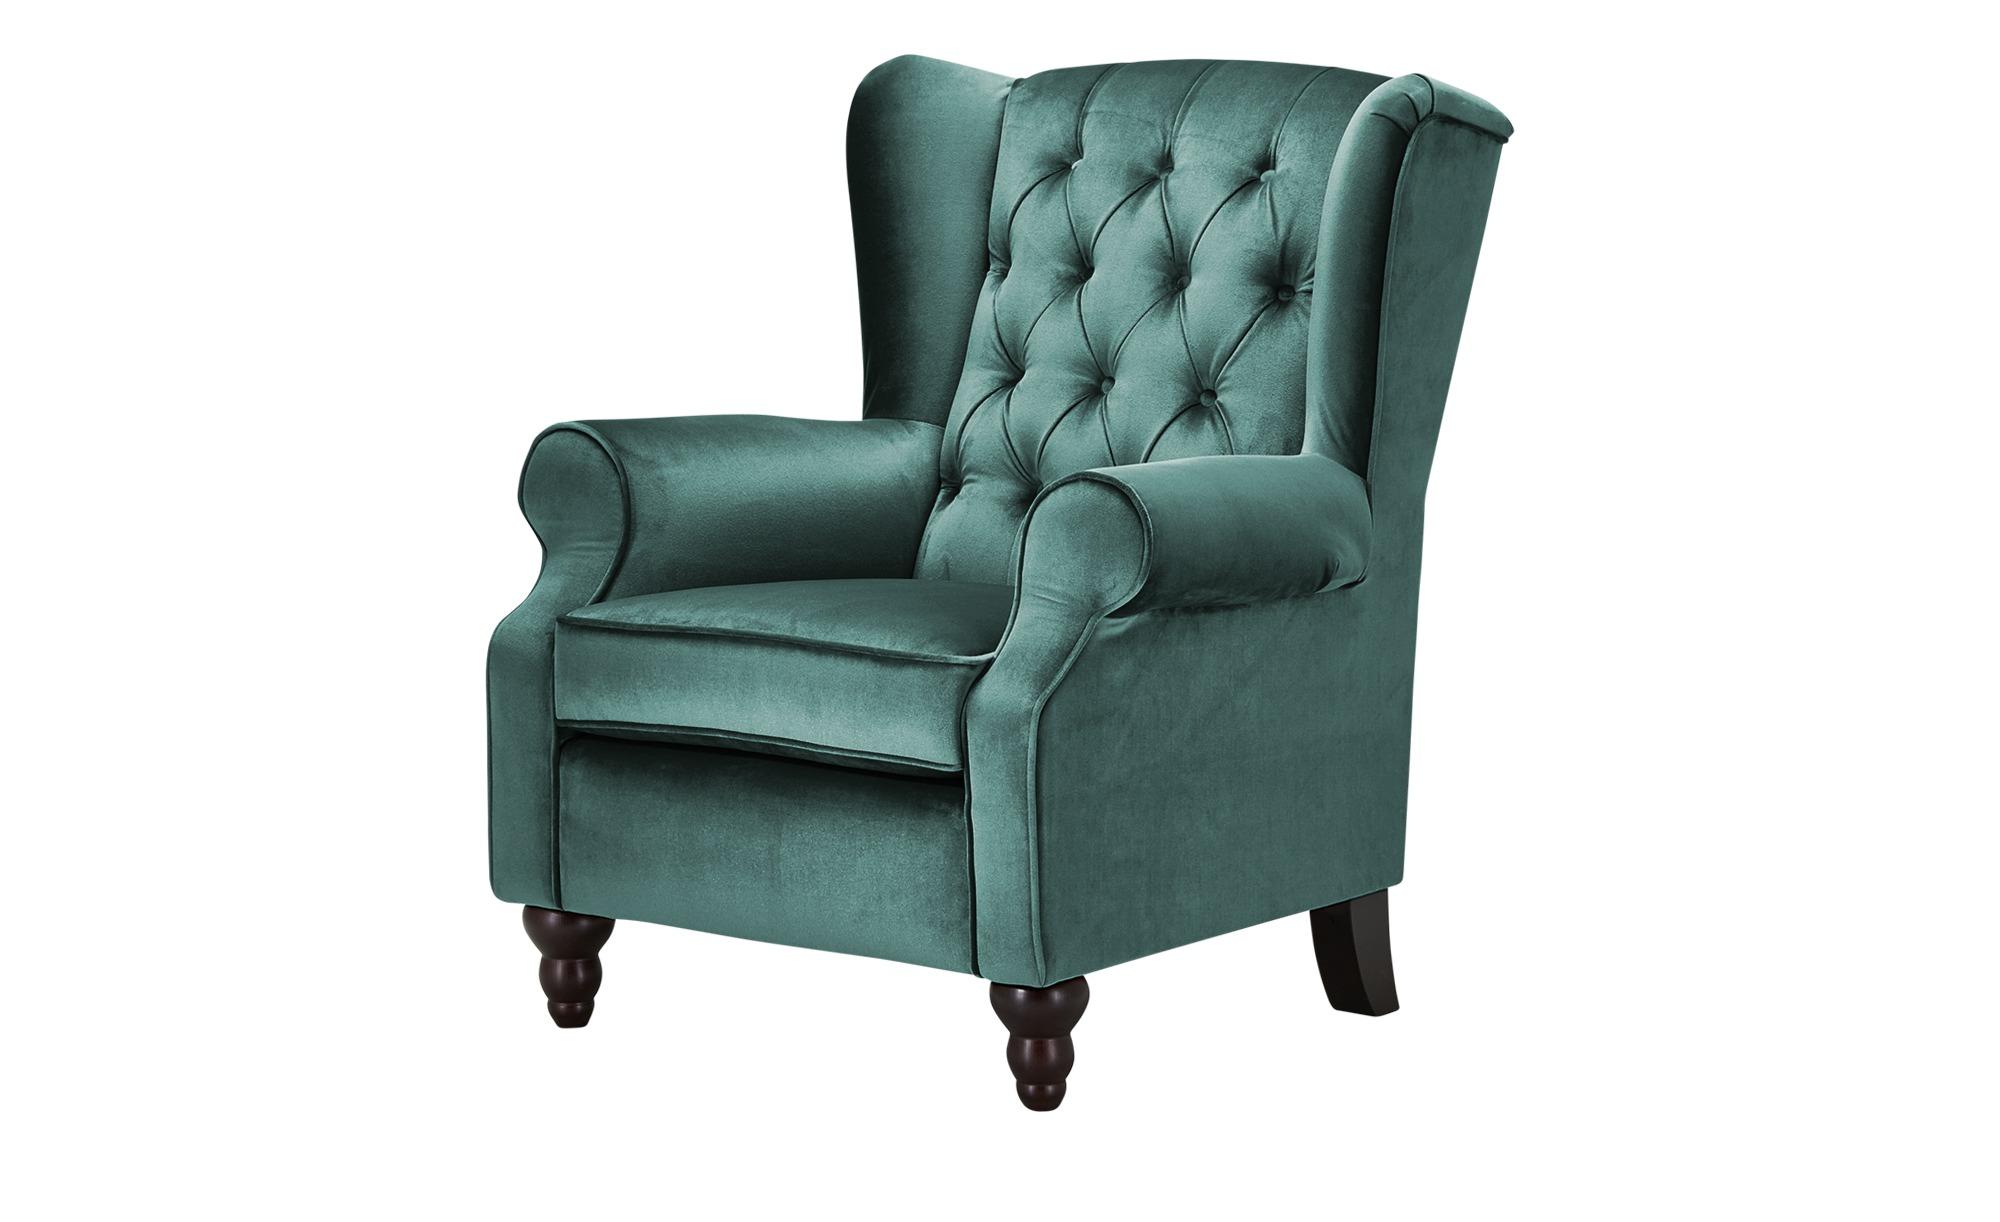 Ohrensessel  Canyon ¦ grün ¦ Maße (cm): B: 83 H: 102 T: 89 Polstermöbel > Sessel > Ohrensessel - Höffner